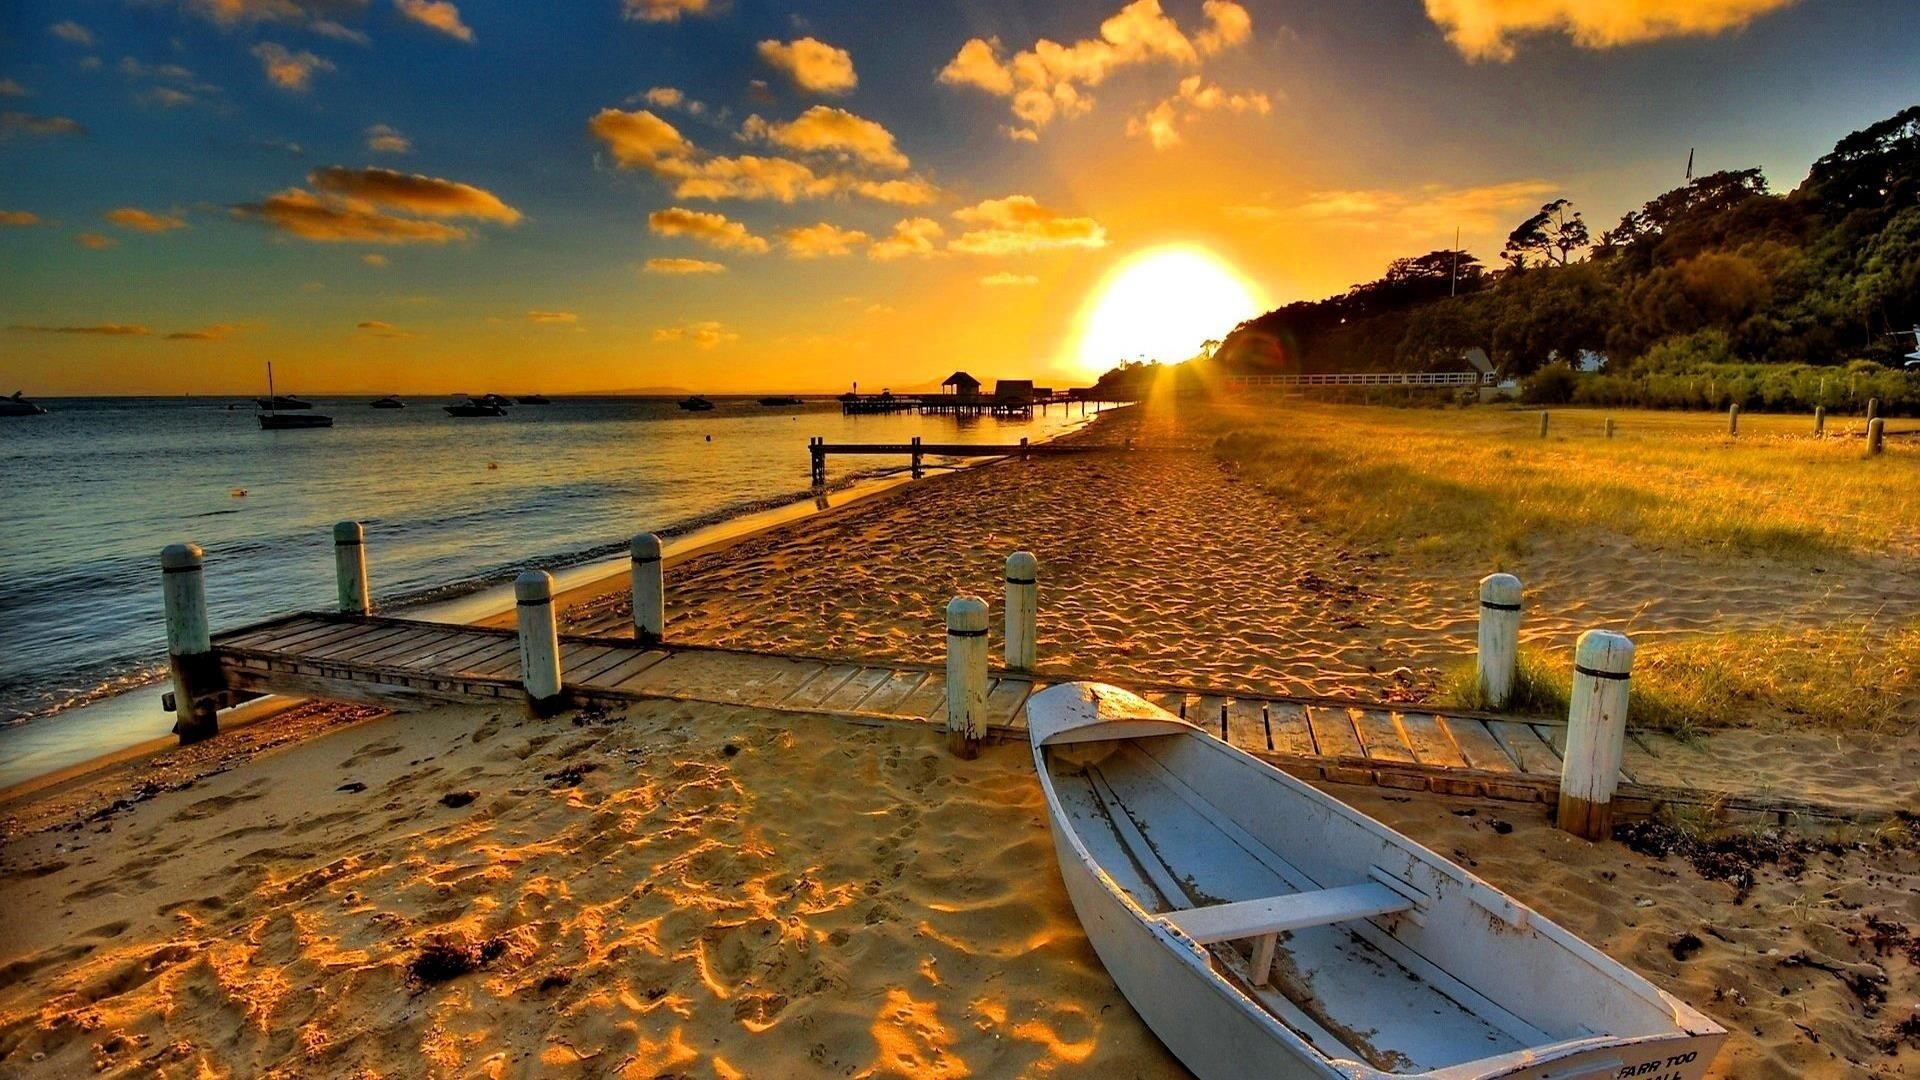 Белая лодка на берегу моря во время заката природа обои скачать